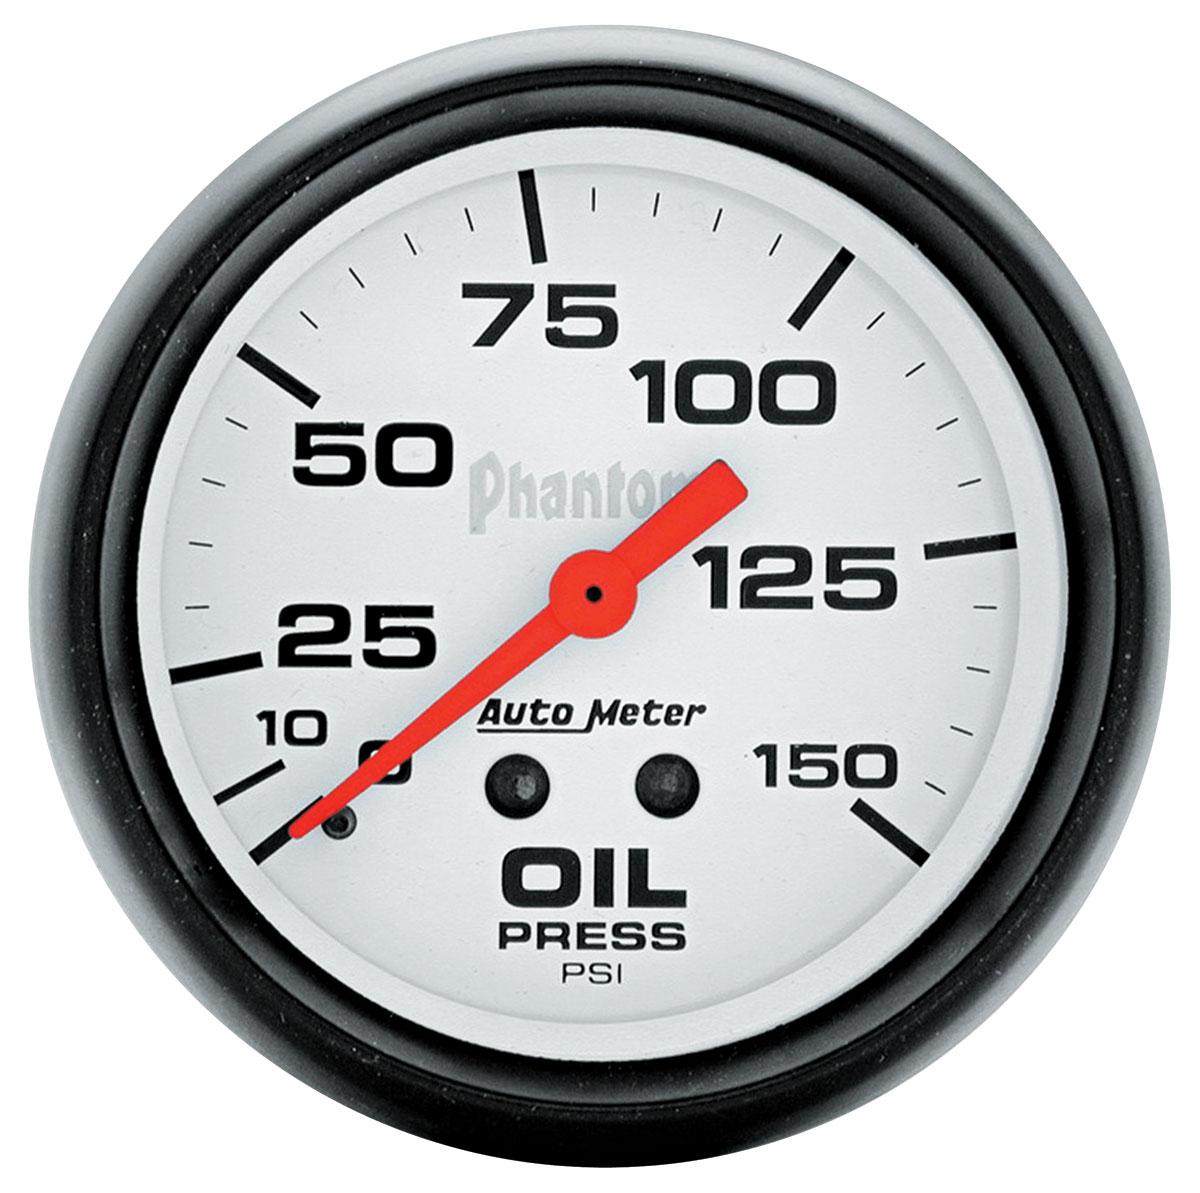 Gauge, Oil Pressure, Auto Meter, Phantom, 2-5/8